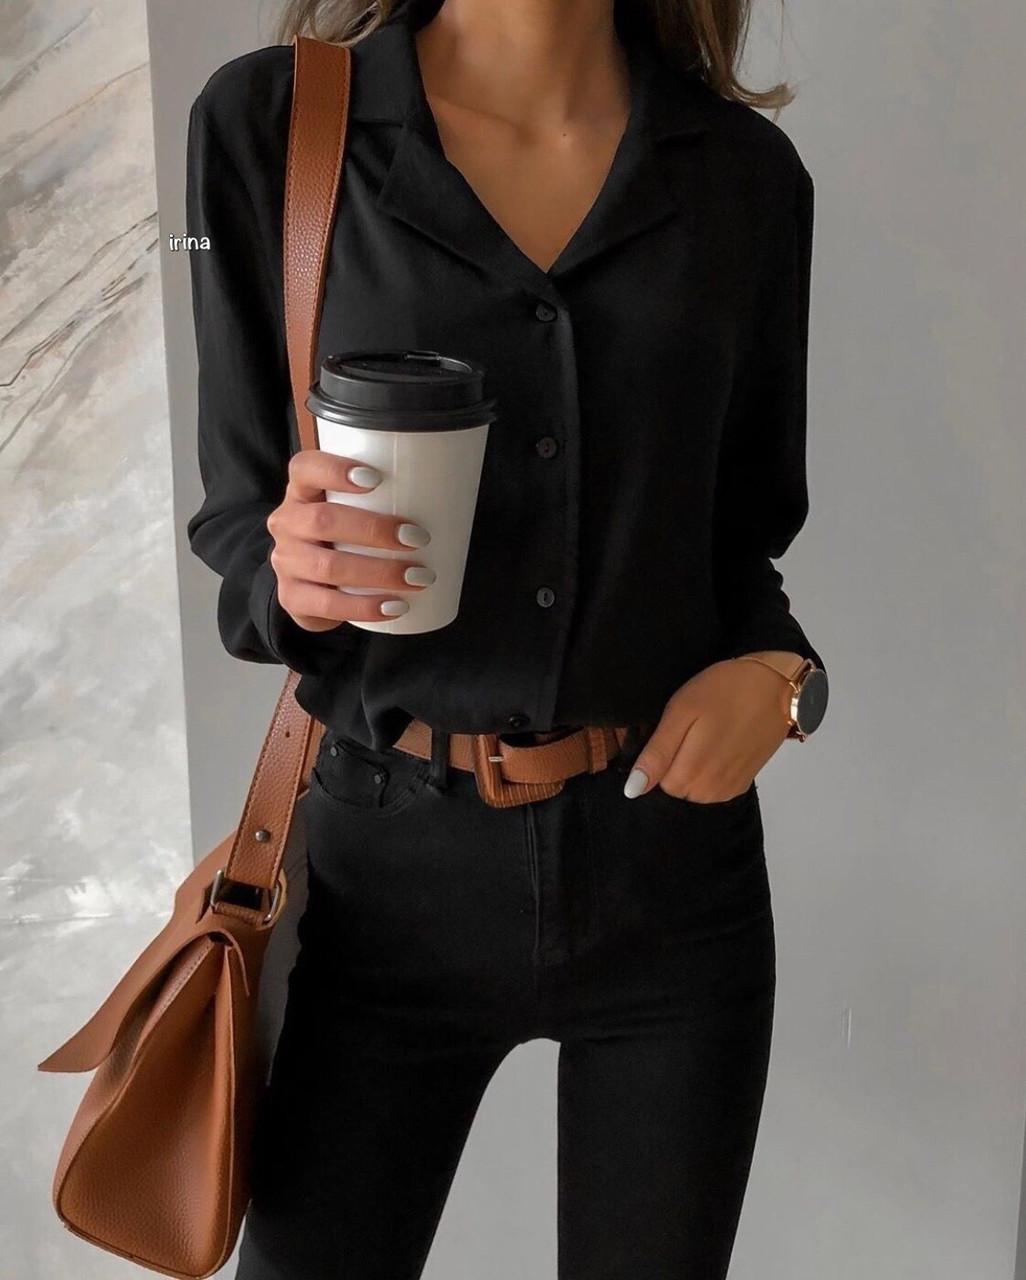 Рубашка женская белая, чёрная,  42-44, 44-46